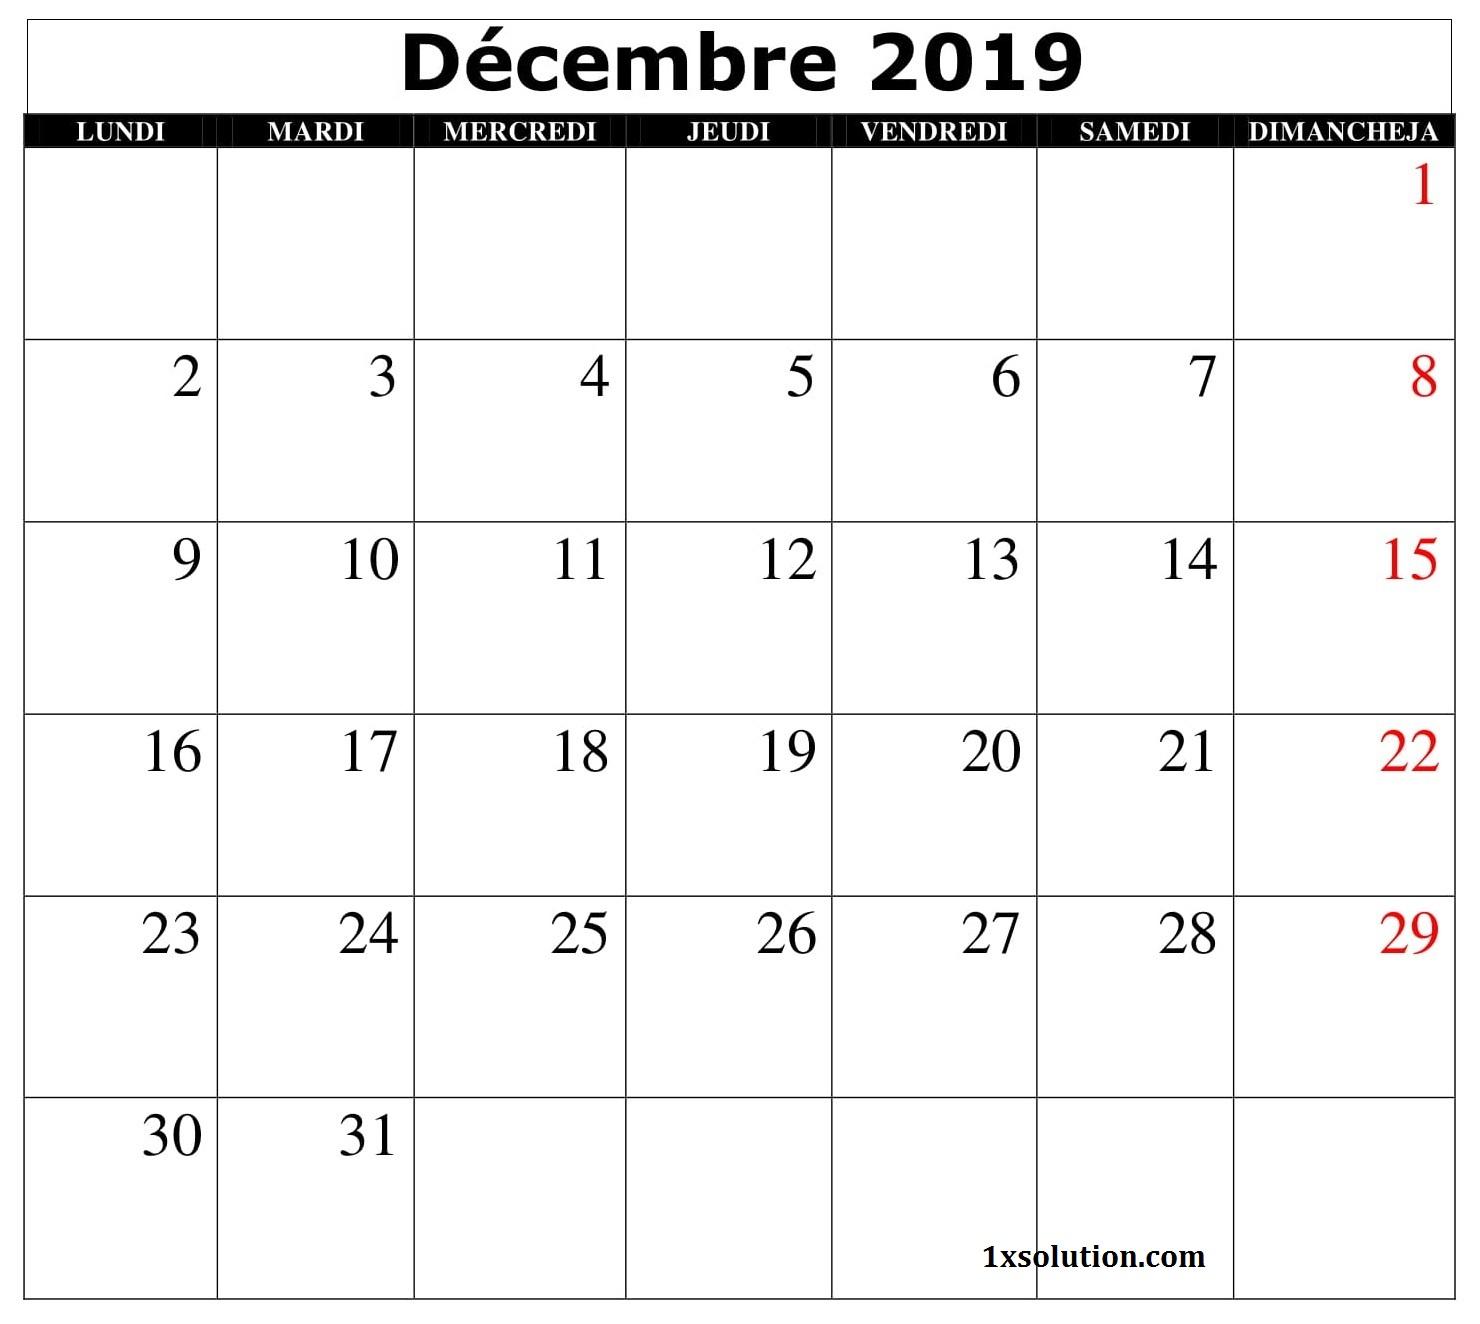 Calendrier Décembre 2019